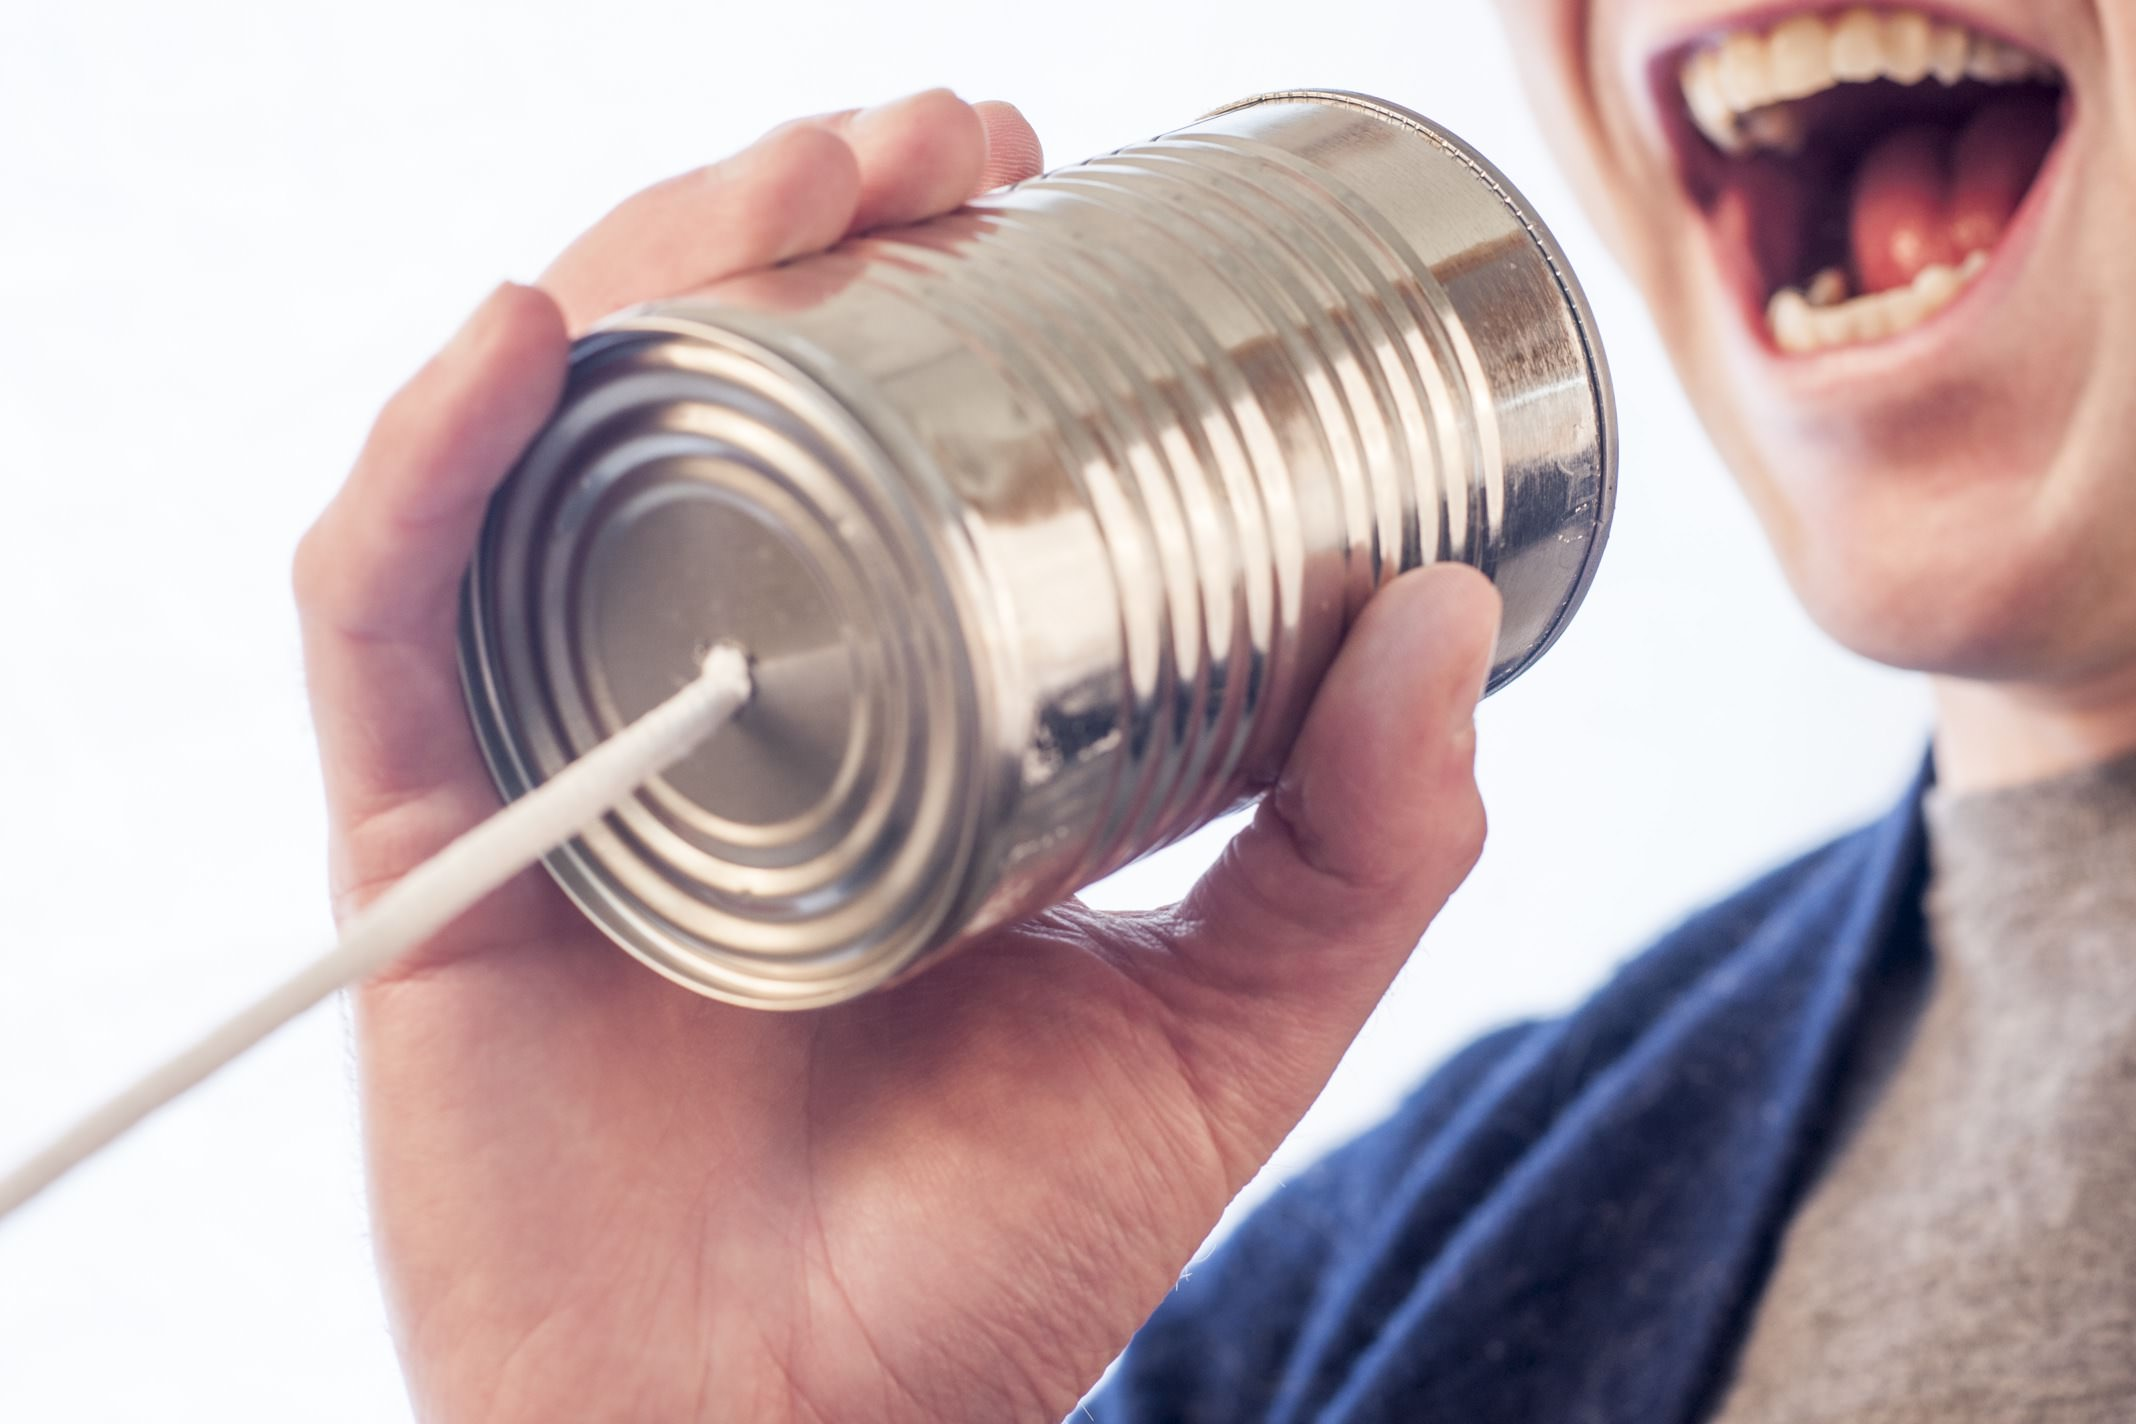 5 Easy Tricks That Will Make You a Better Storyteller